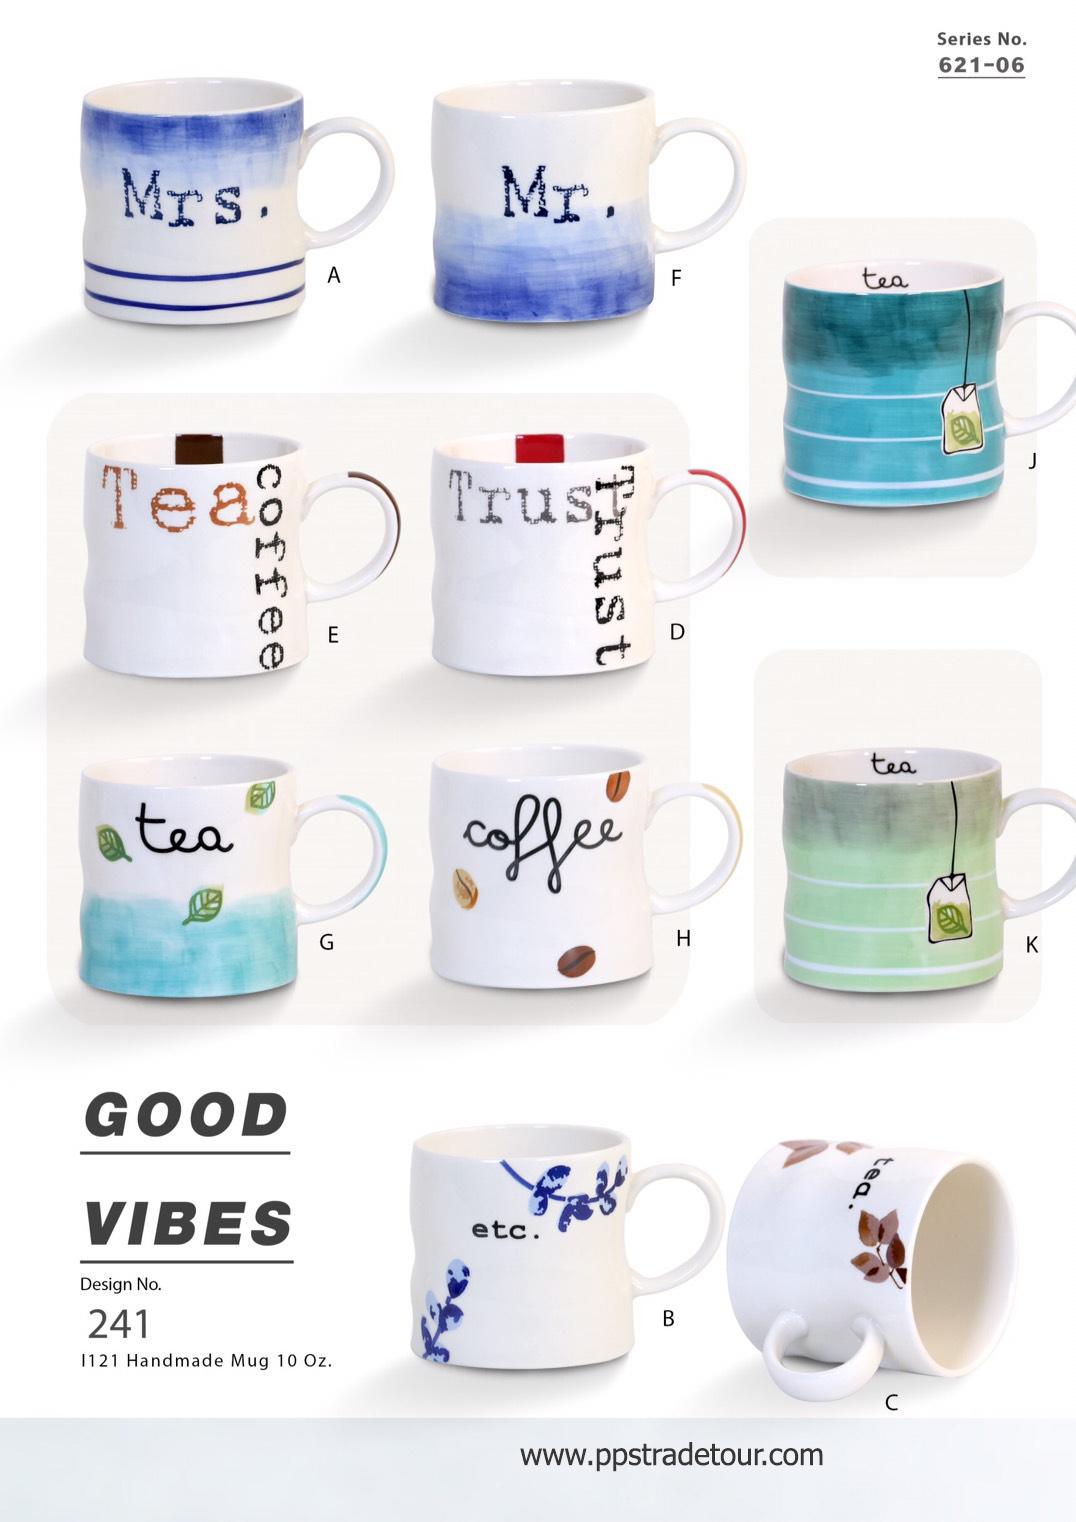 Good Vibes-Ceramic Mug 16 Oz.